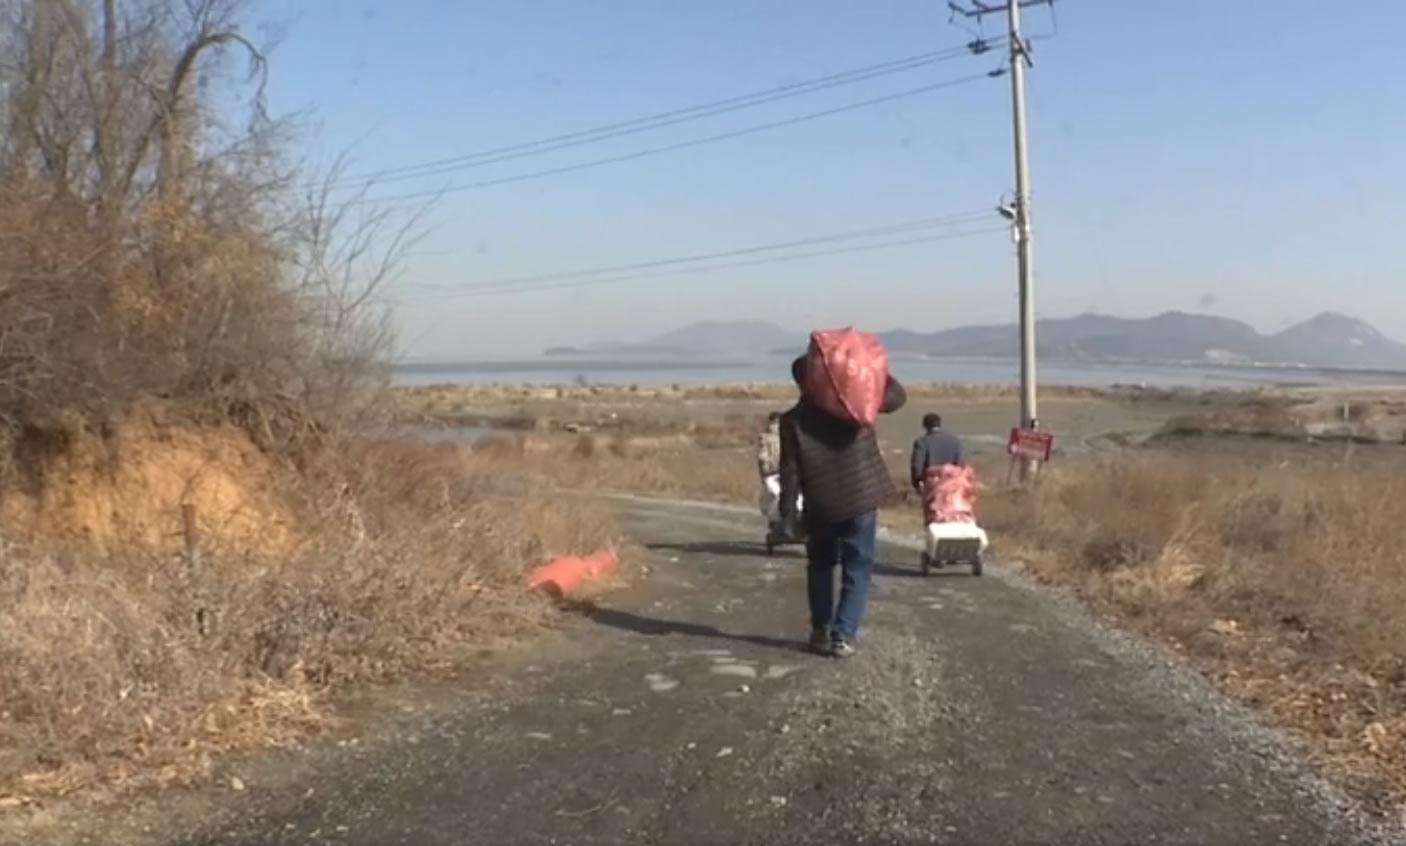 &nbspMensagens e comida dentro de garrafas enviadas pelo mar à Coreia do Norte